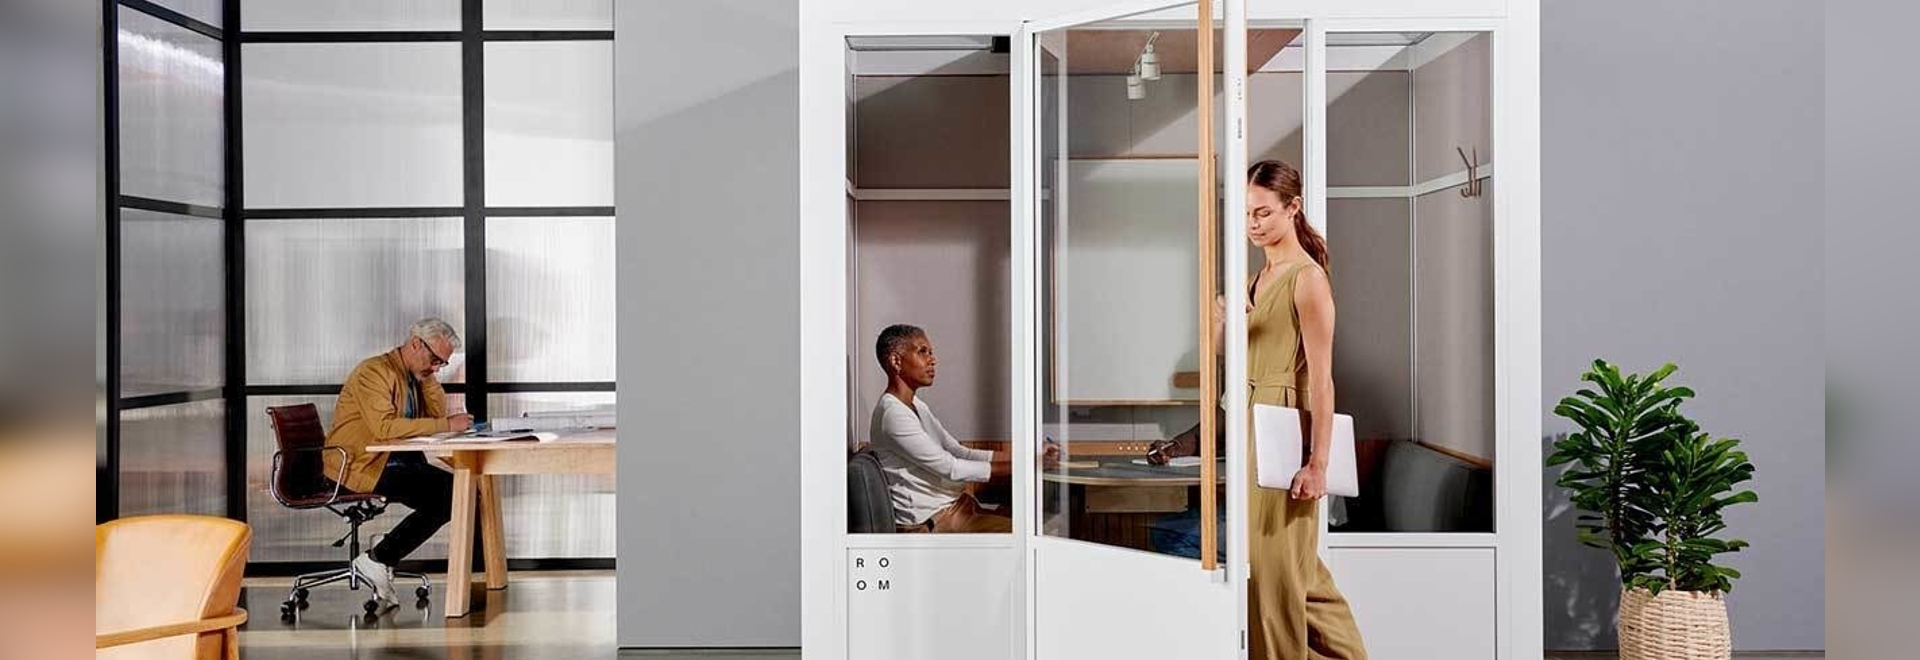 ROOM lanza nuevas salas de reuniones modulares para el espacio de trabajo moderno